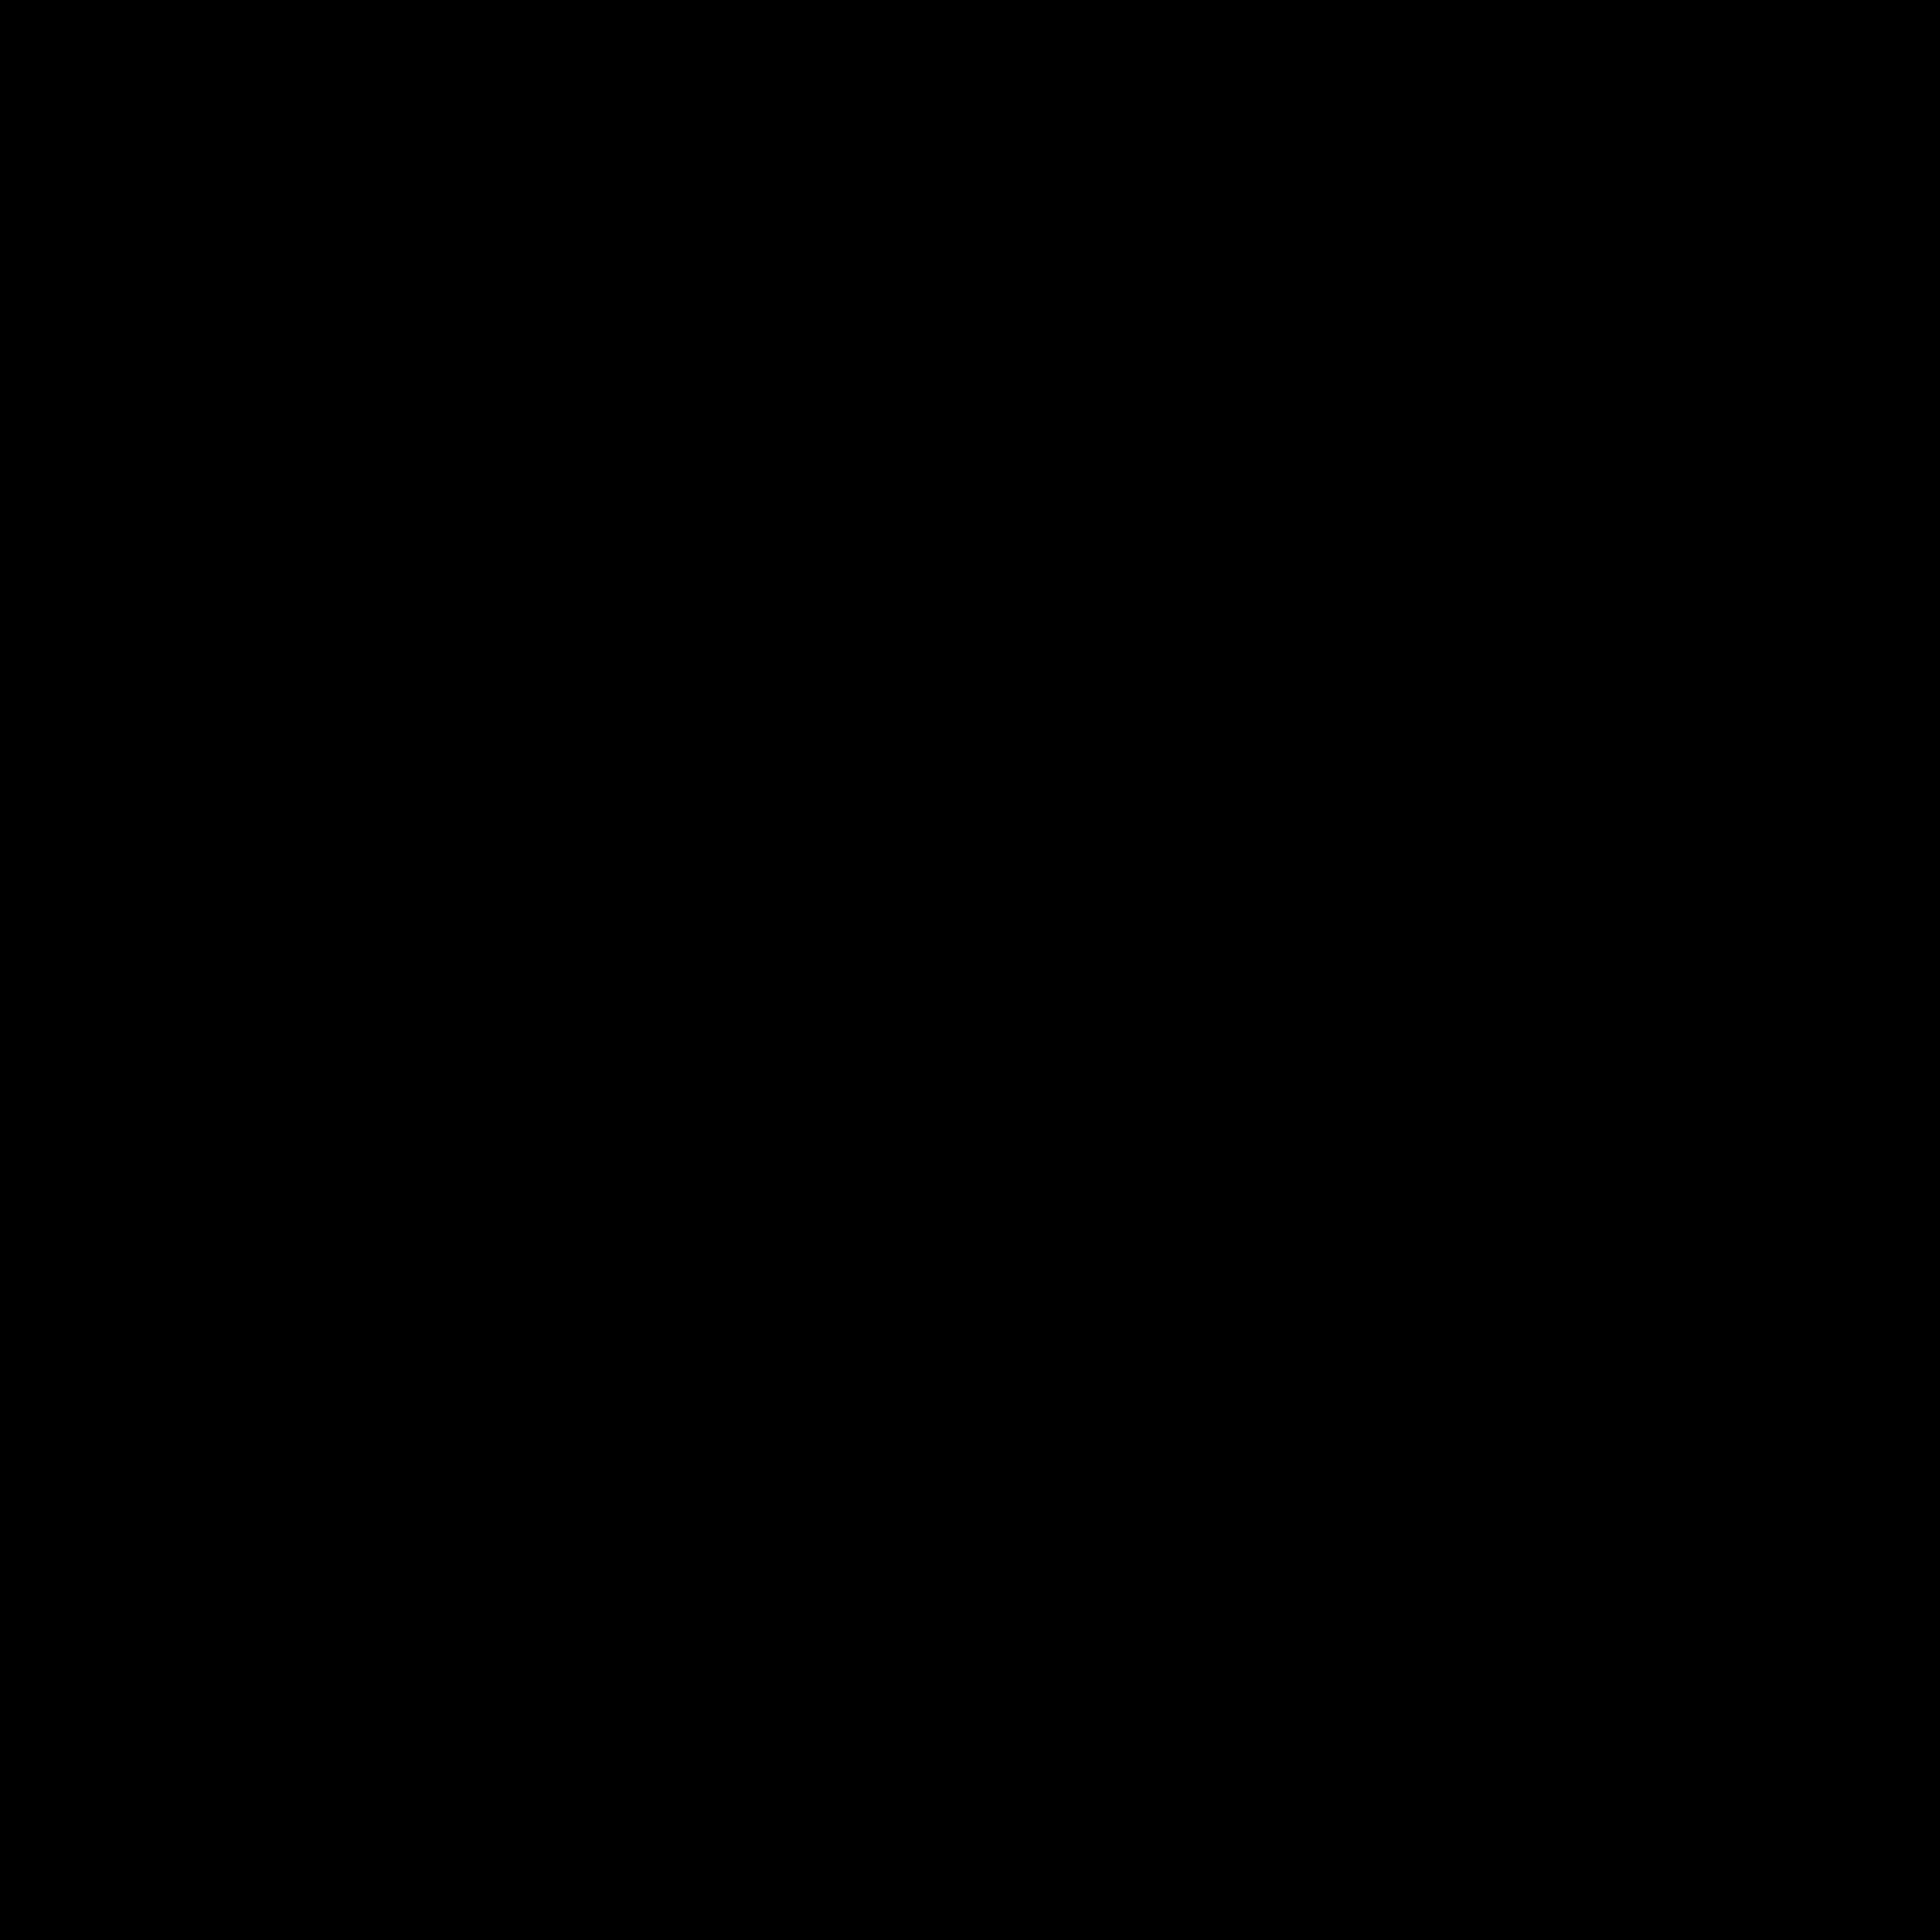 Конструктор LEGO Super Heroes Халк против Красного Халка (76078)